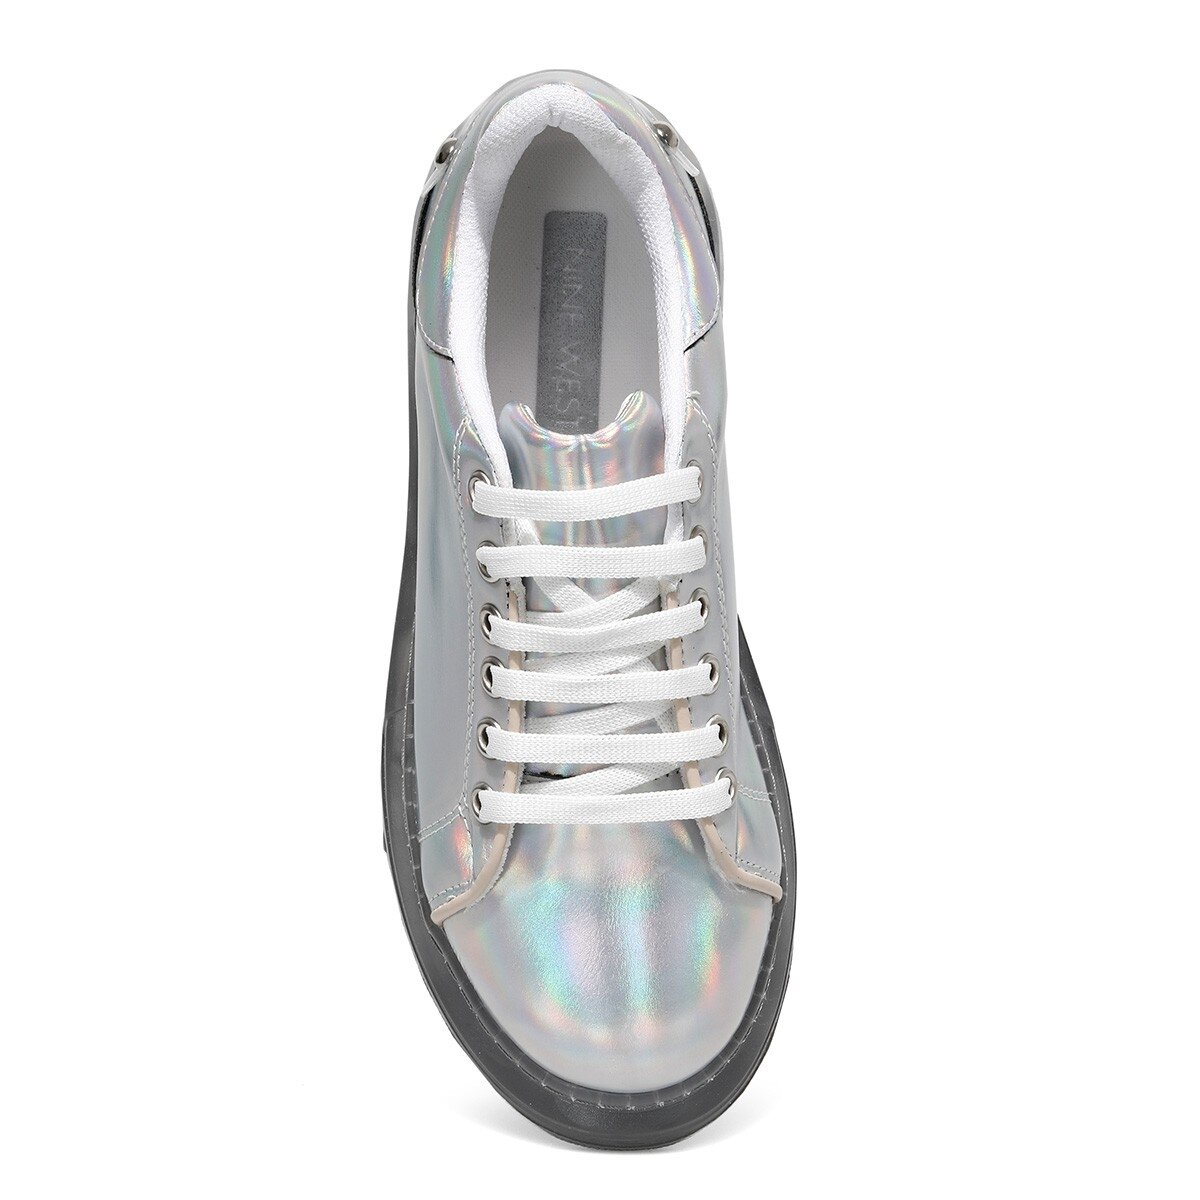 POTROYE 1FX Gümüş Kadın Sneaker